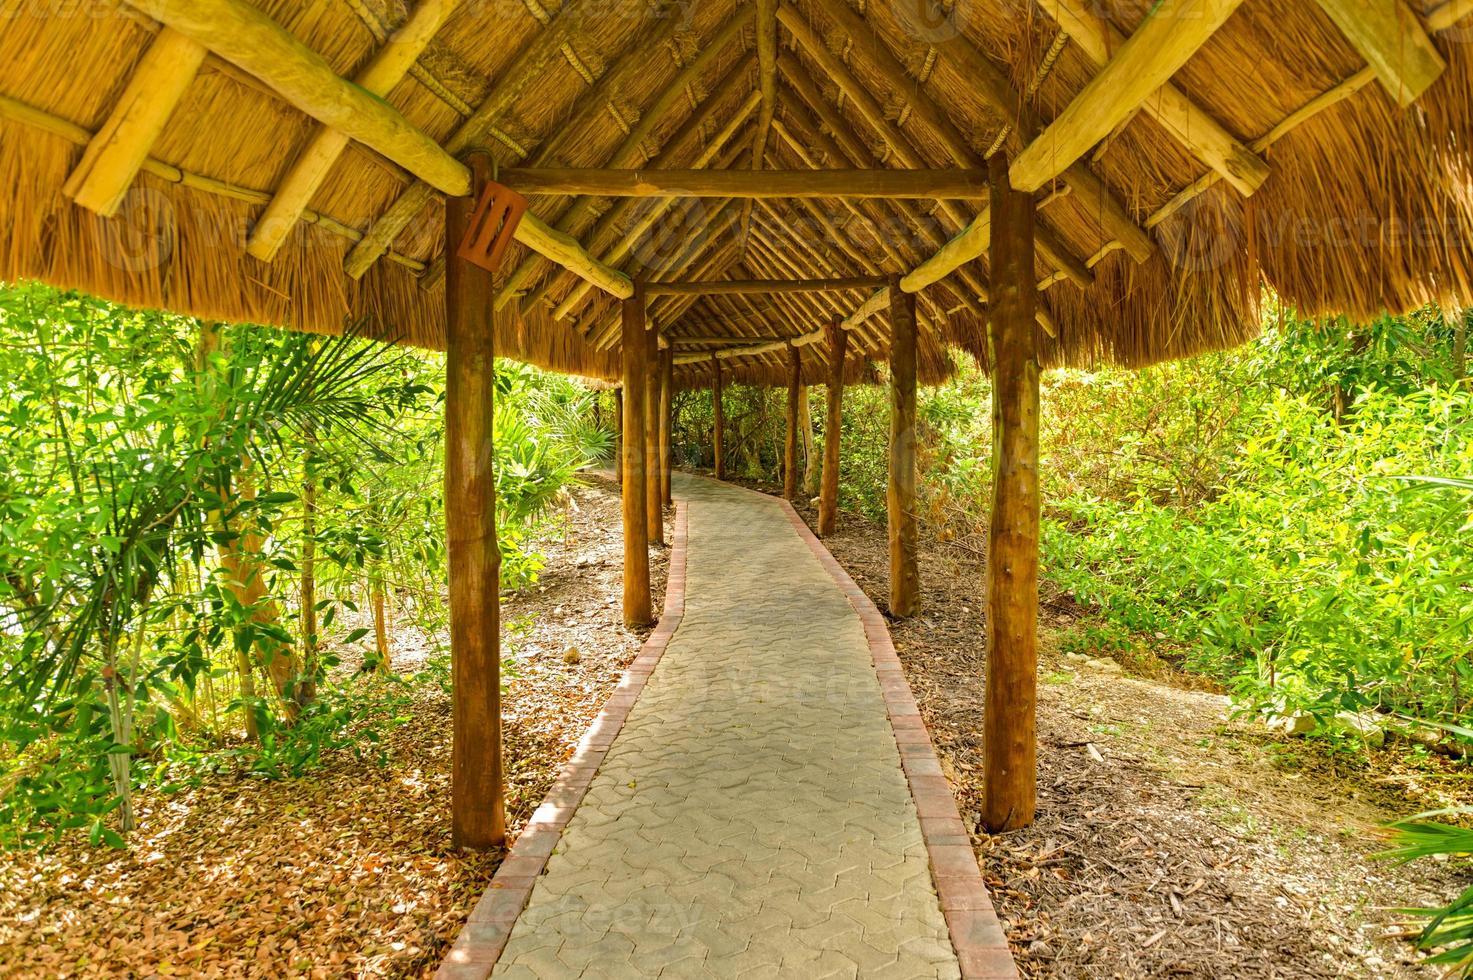 caminho da selva com dossel do telhado de colmo foto